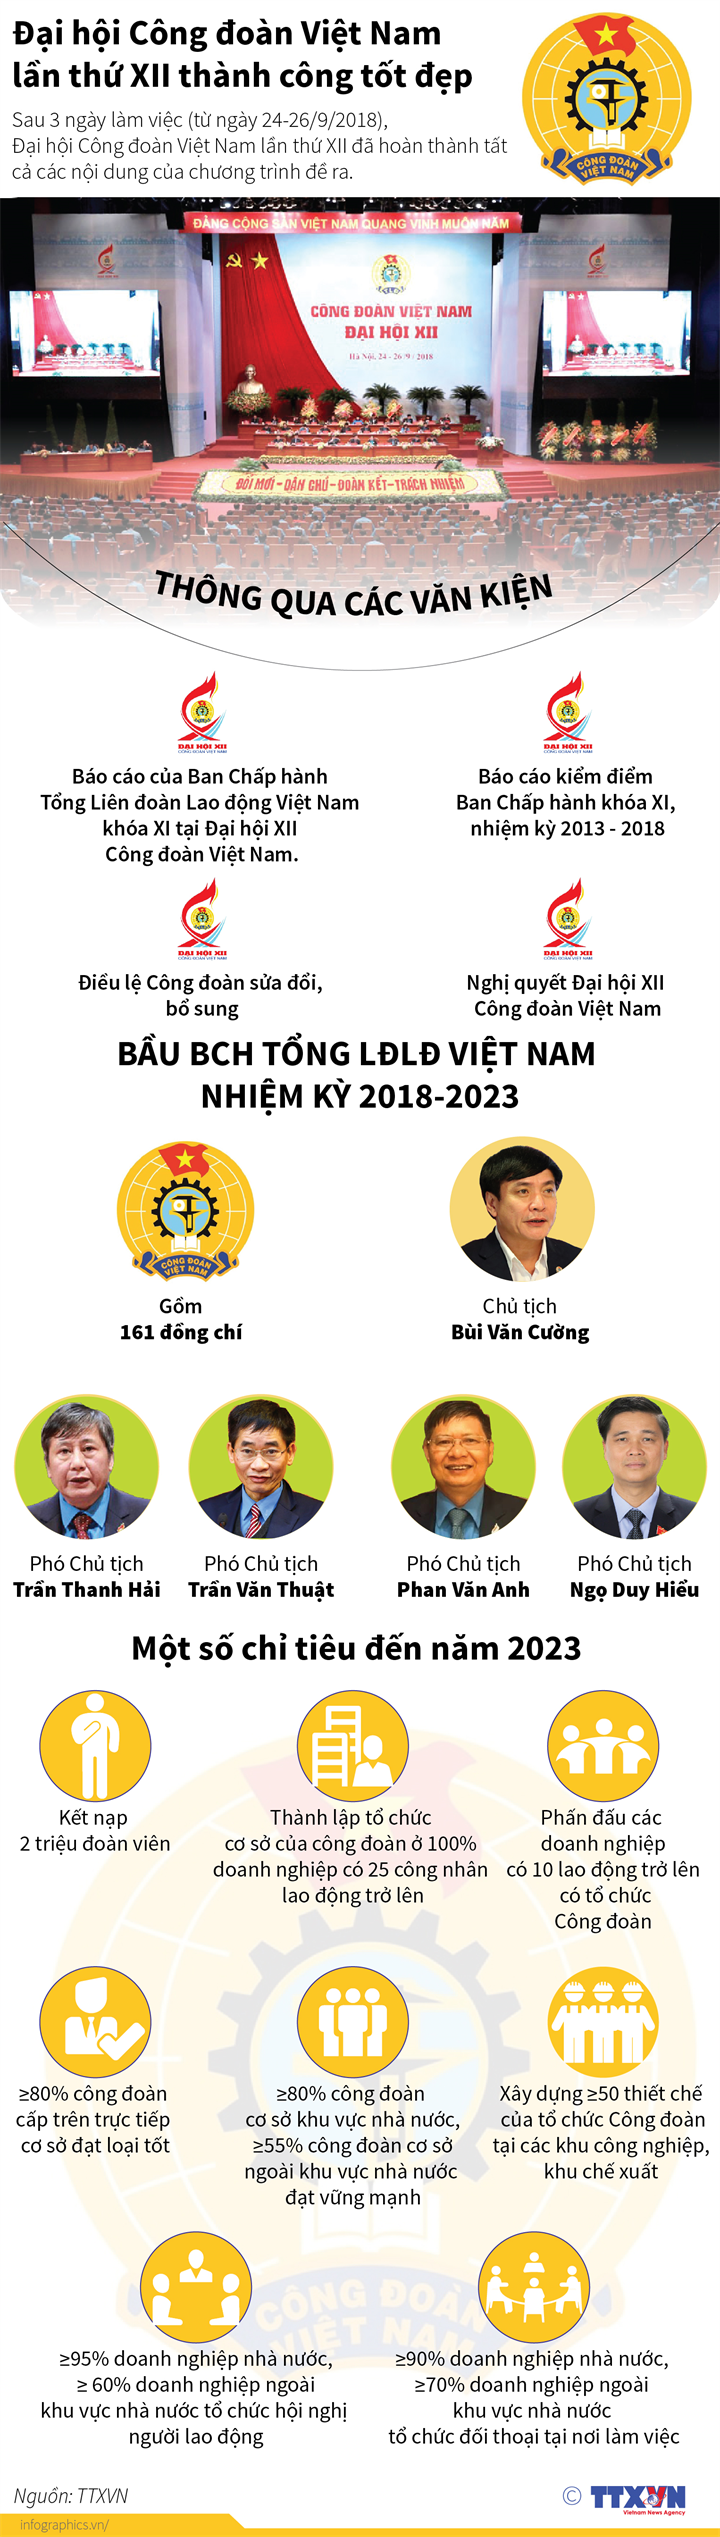 Đại hội Công đoàn Việt Nam lần thứ XII thành công tốt đẹp